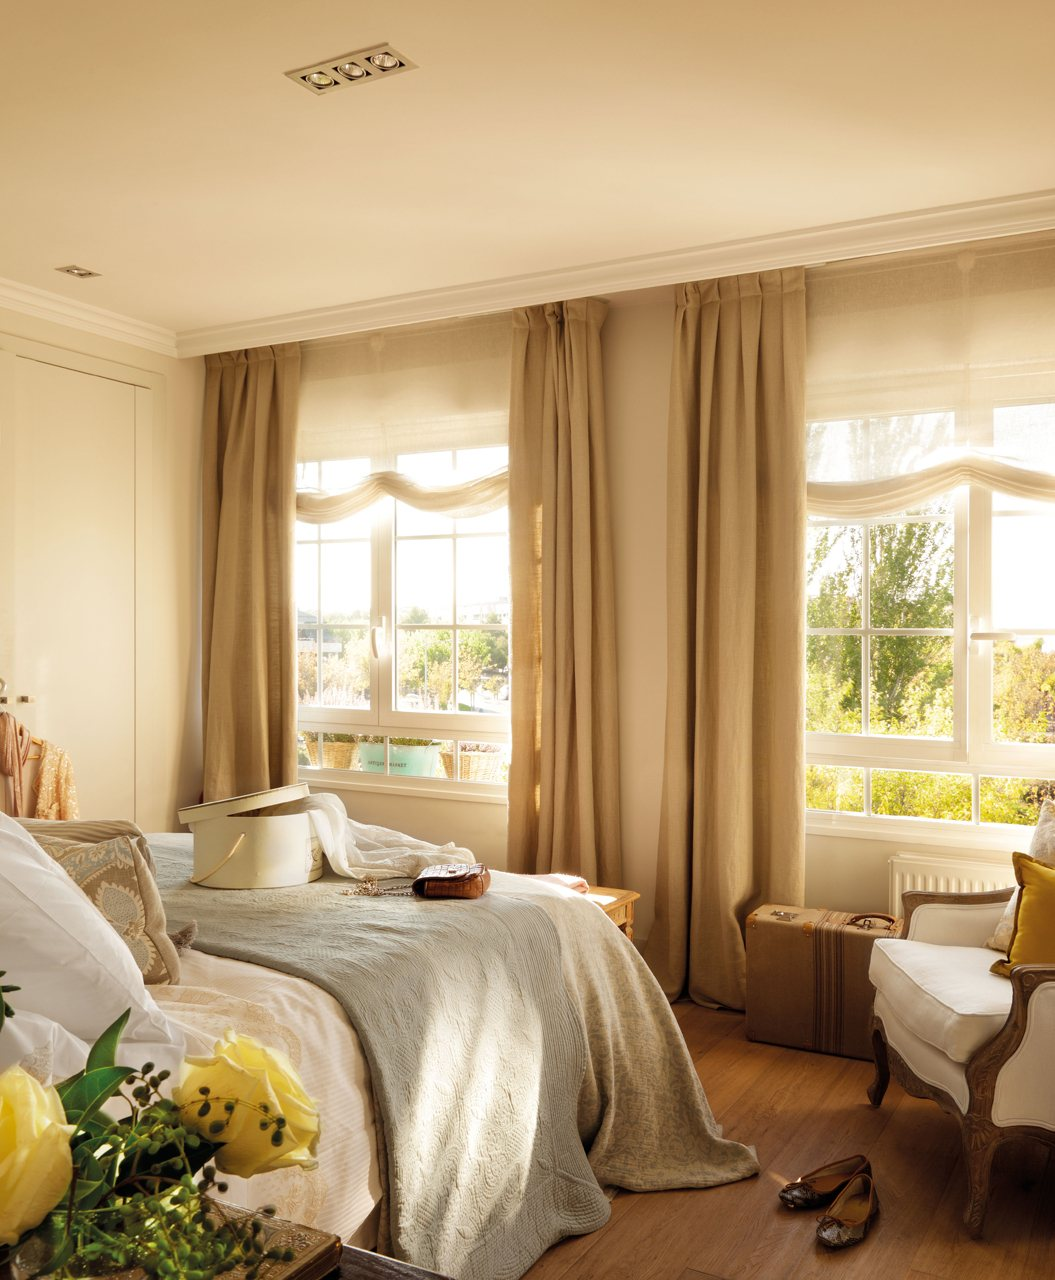 Primer piso de la interiorista beatriz silveira - Cortinas dormitorio principal ...